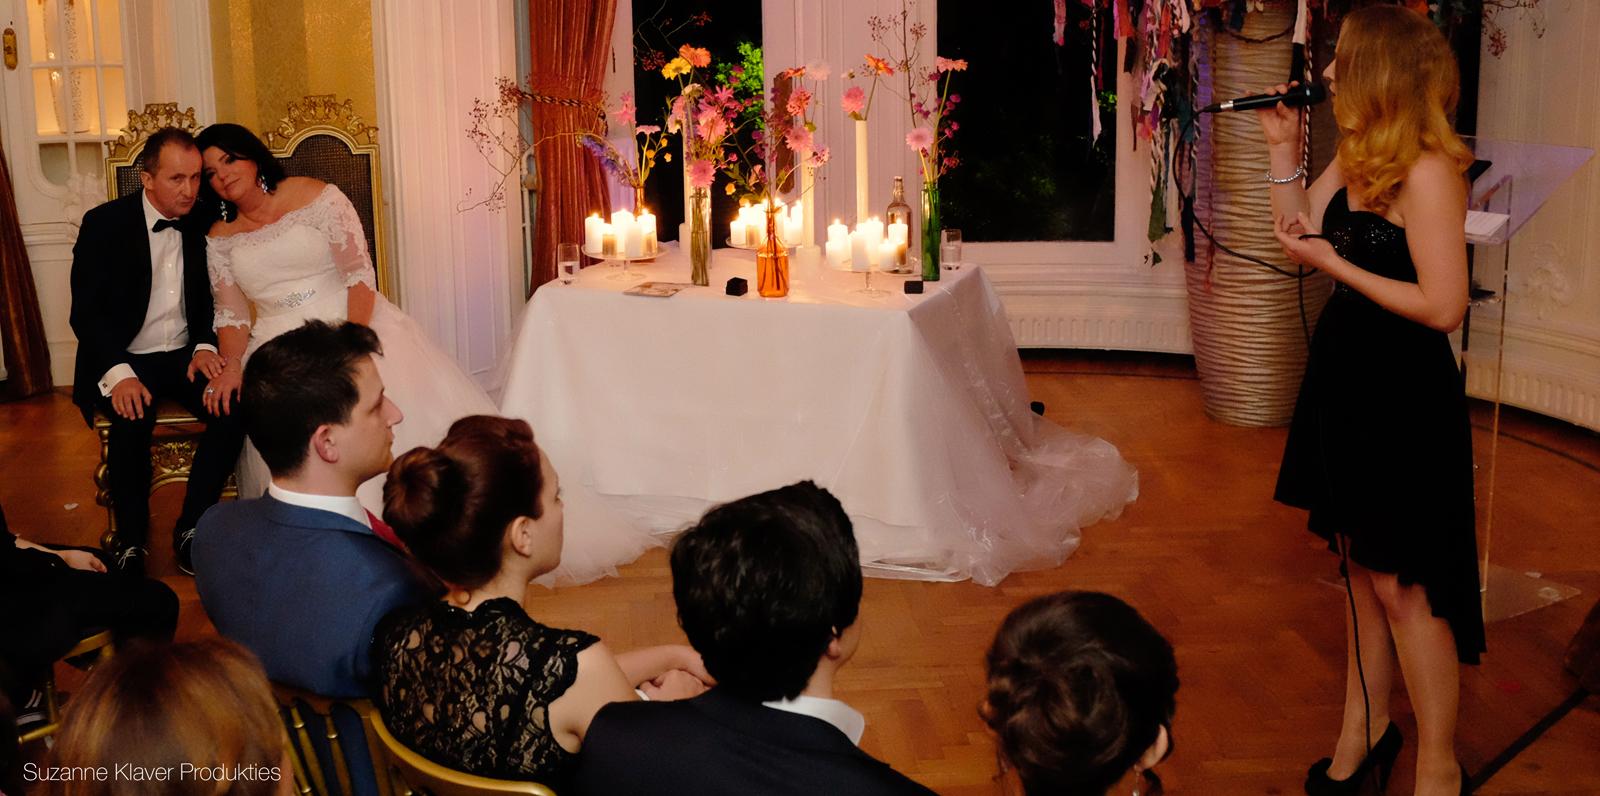 Akoestisch duo Pure tijdens een huwelijksceremonie